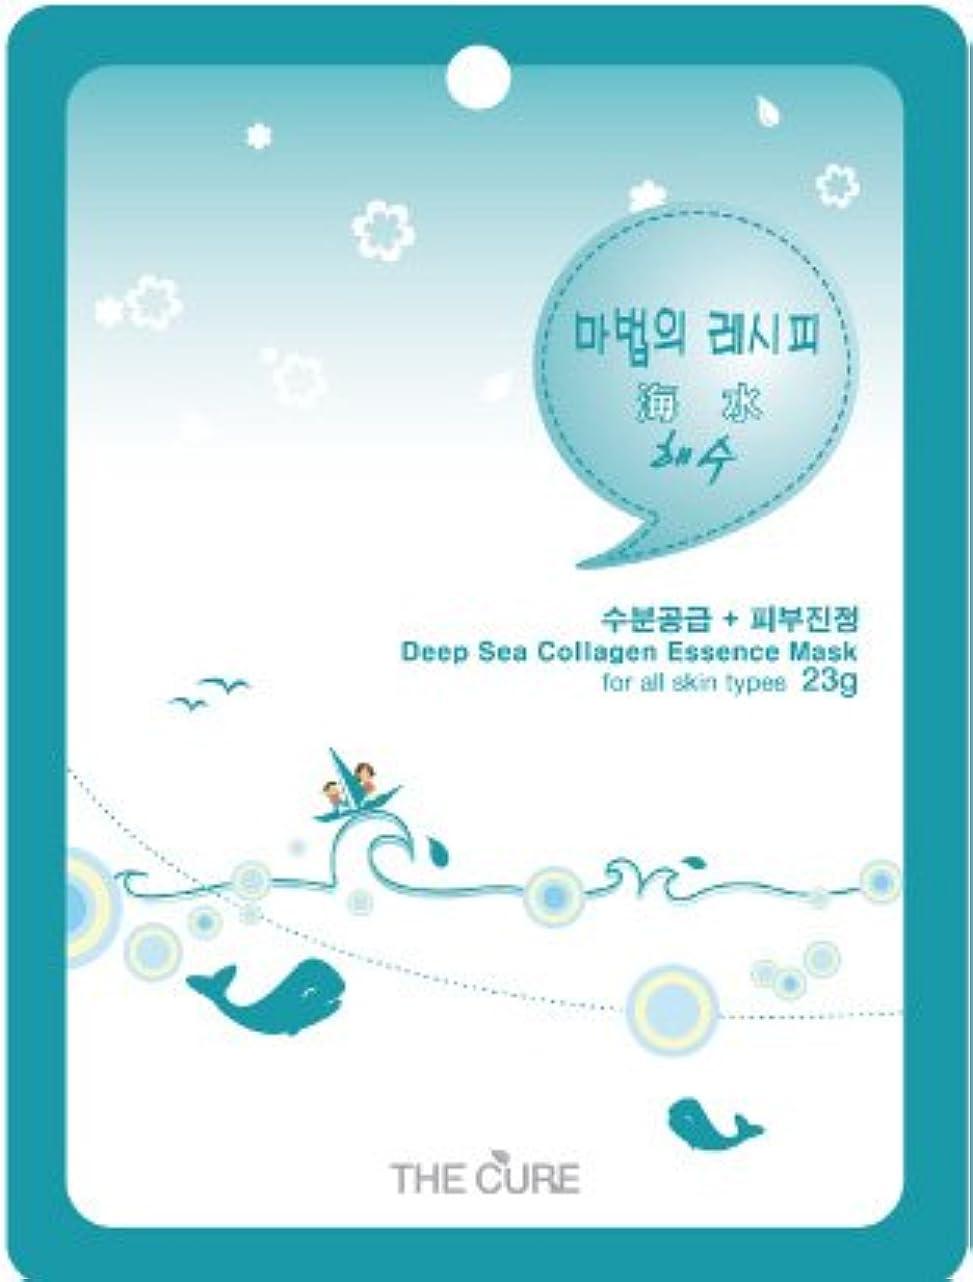 登場理由脚本海水 コラーゲン エッセンス マスク THE CURE シート パック 10枚セット 韓国 コスメ